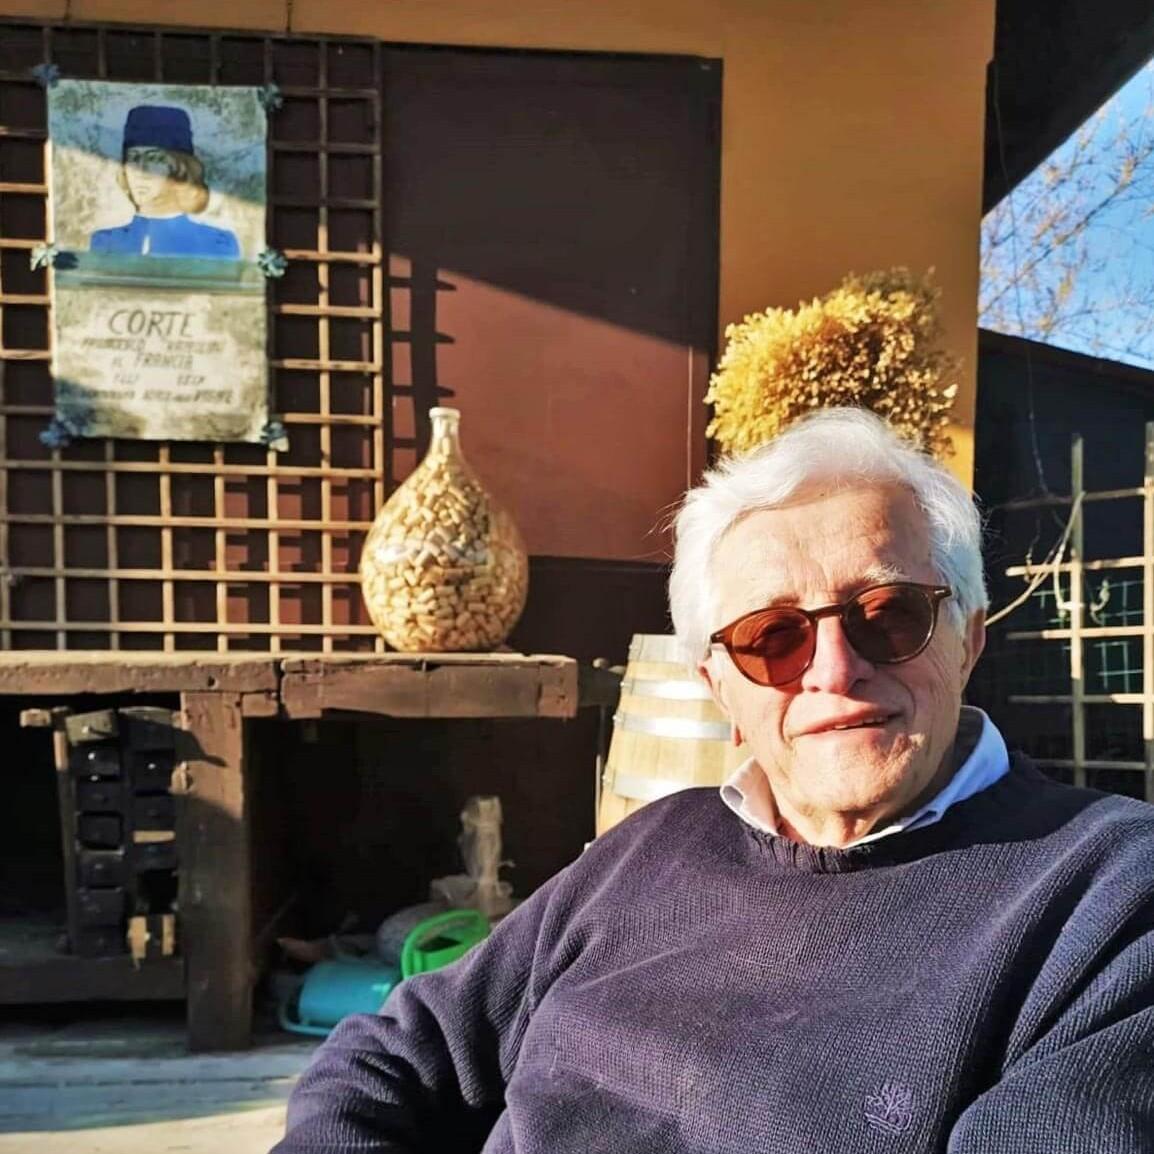 Carlo Gaggioli fondatore e titolare dell'azienda agricola e vitivinicola Gaggioli un provincia di Bologna